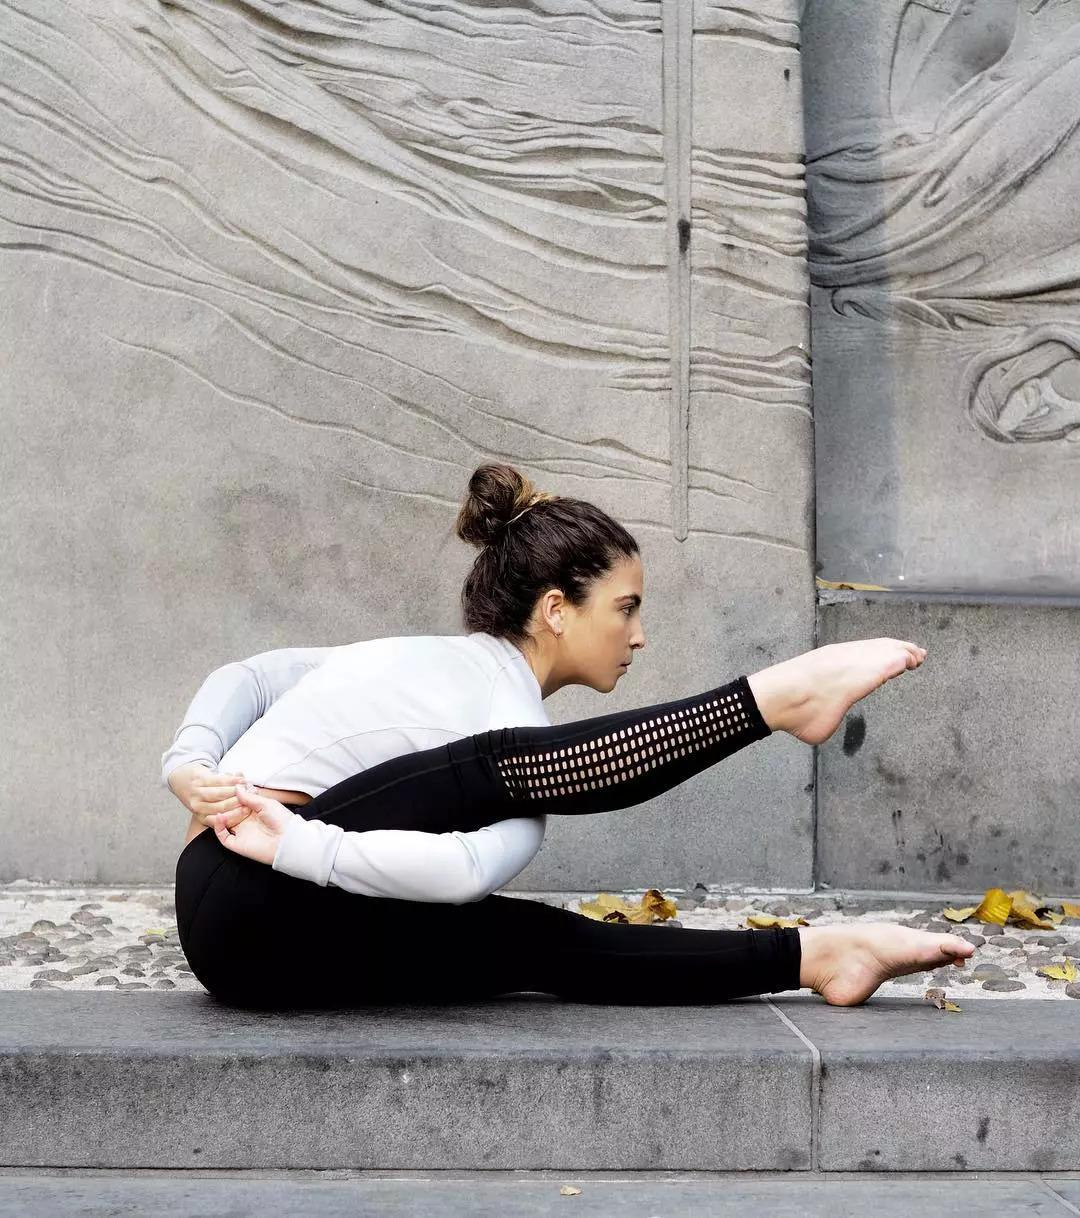 动作零教学瘦身瑜伽,教你瘦身最基本的基础,简androidapk入门_图片